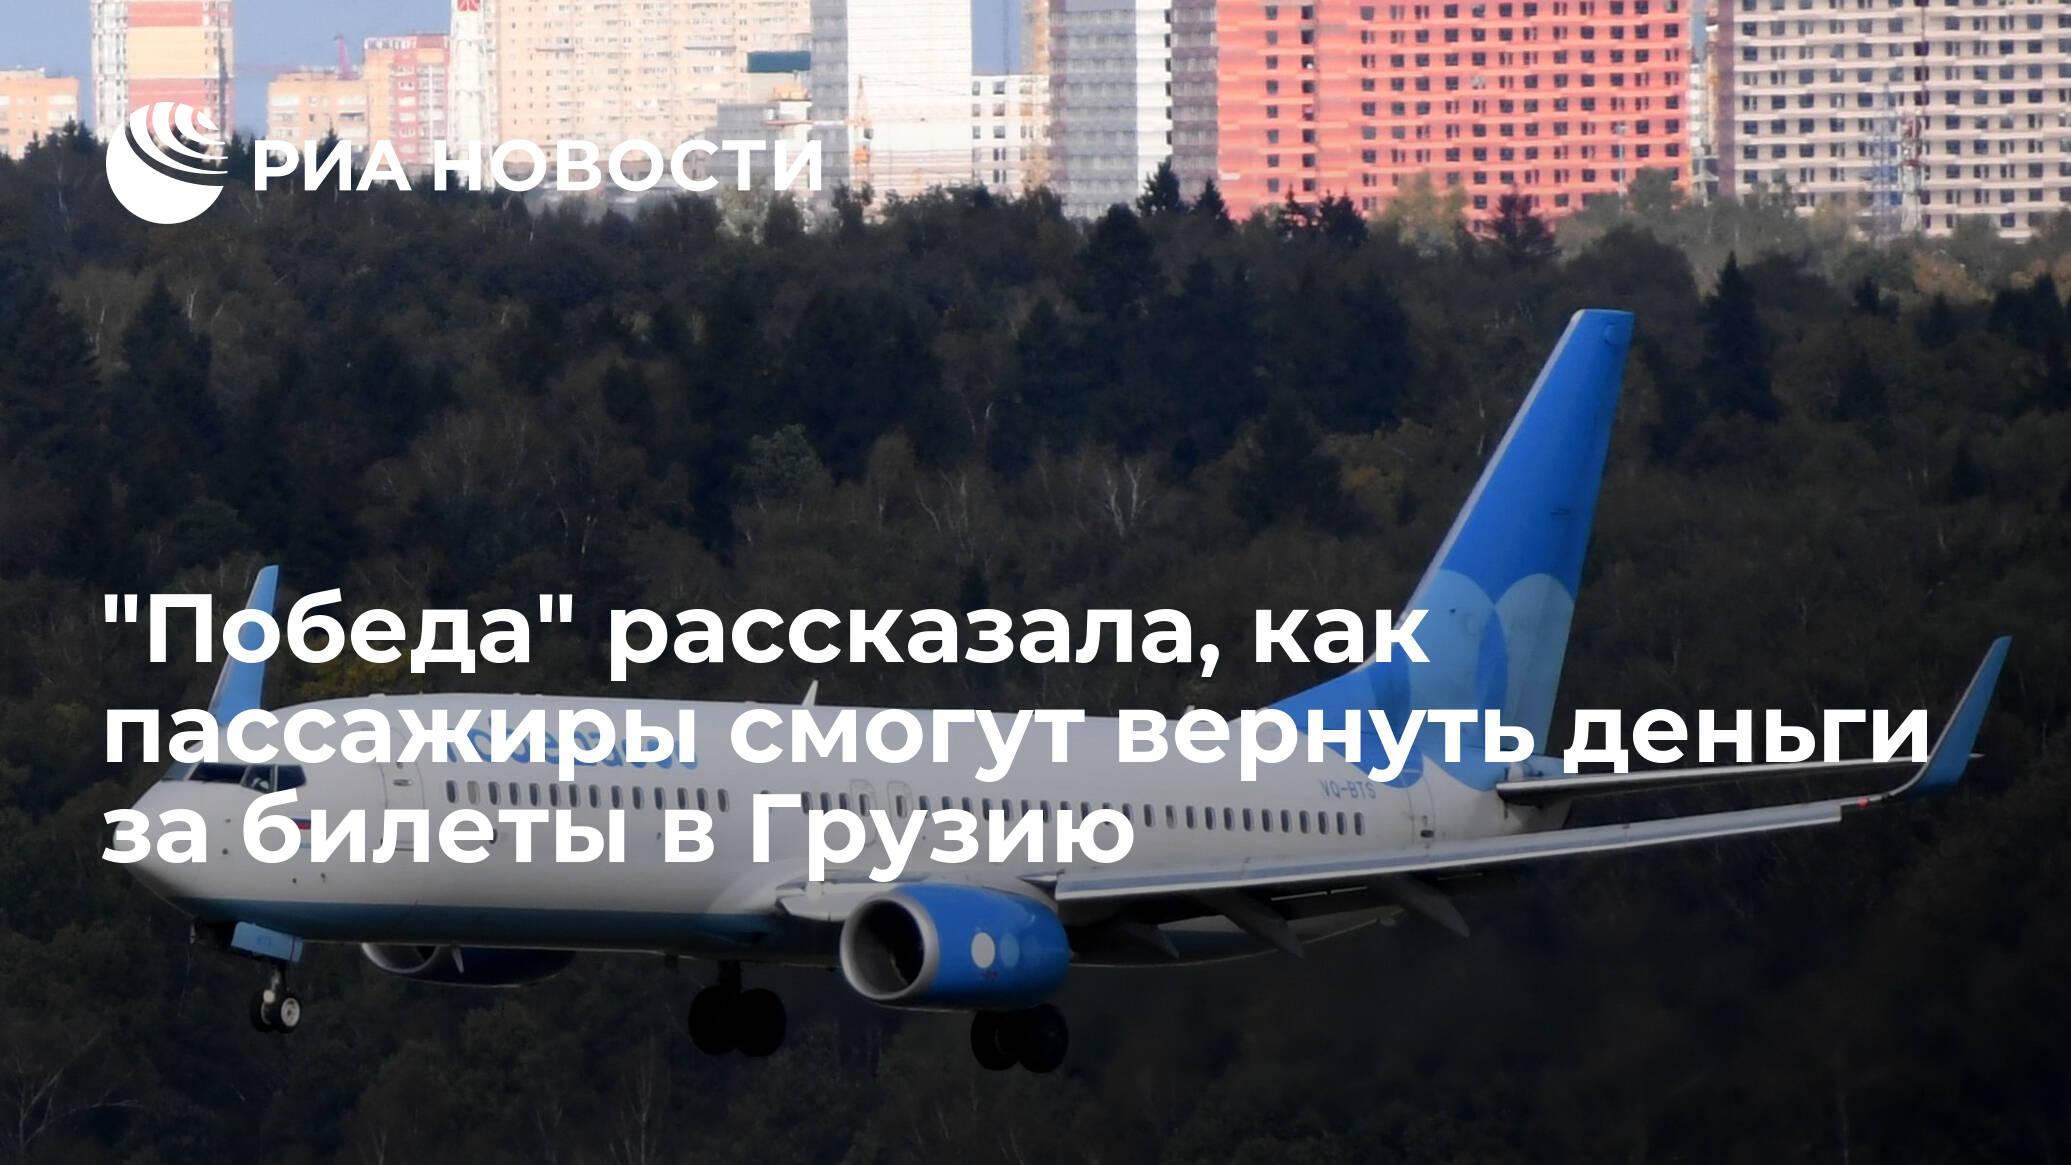 Билеты до перми на самолет из внуково расписание самолетов москва одесса цена билета